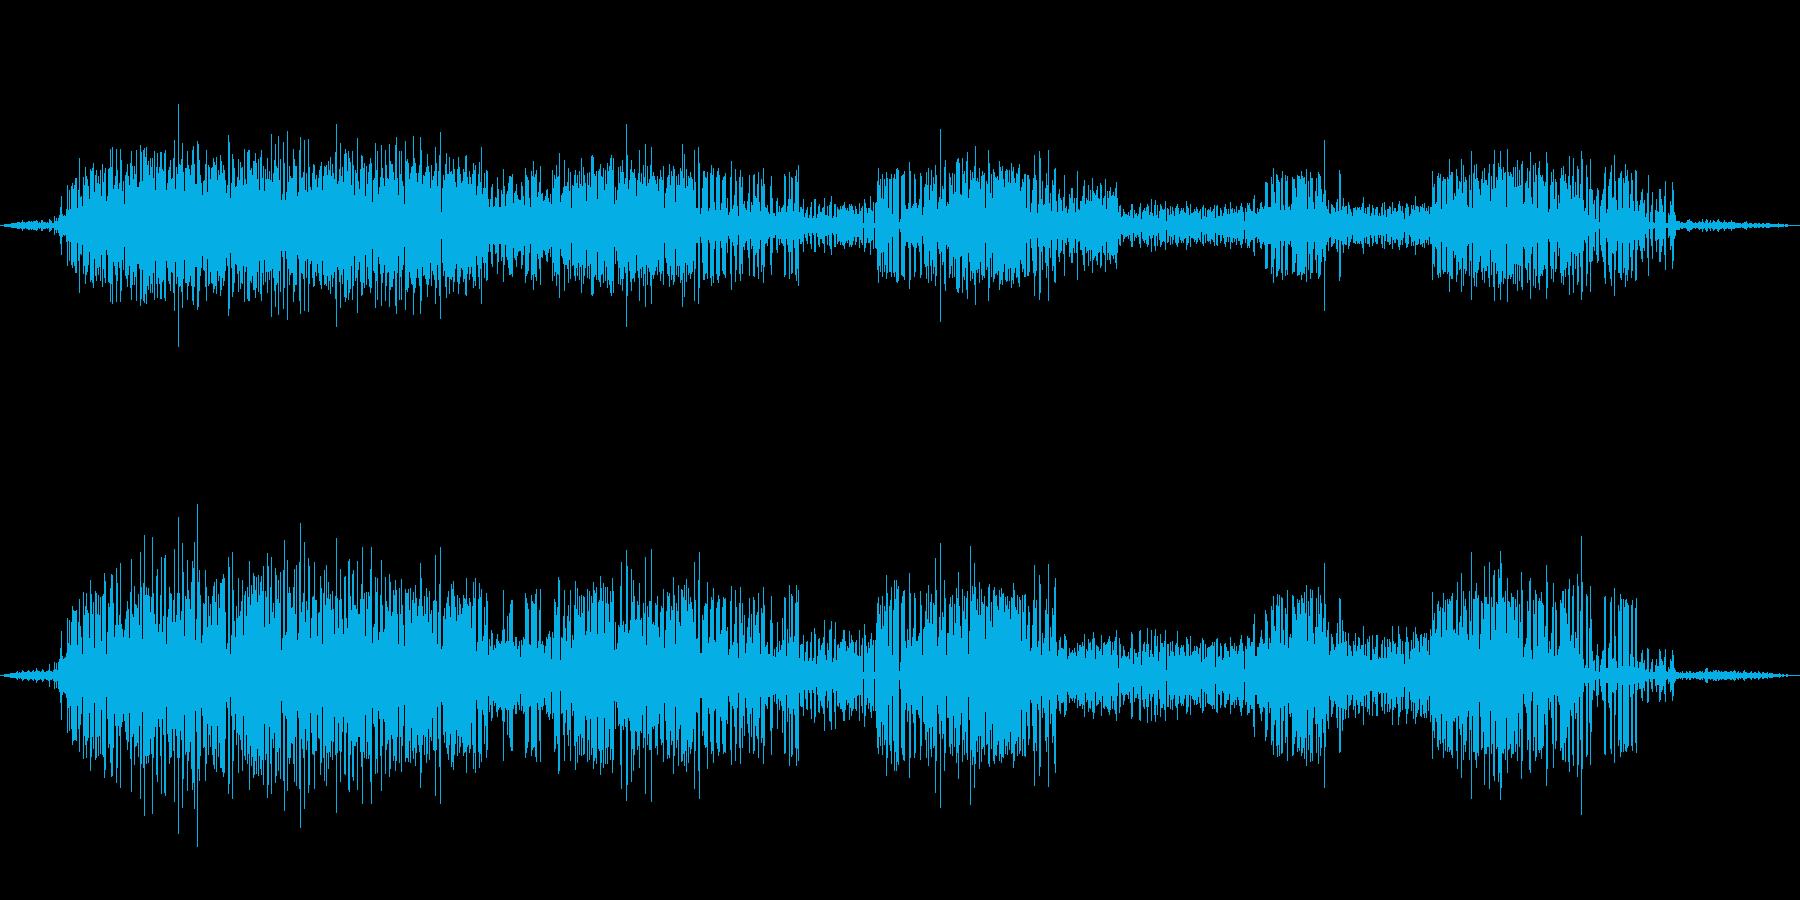 【自然音】カエルの鳴き声01(安曇野)の再生済みの波形